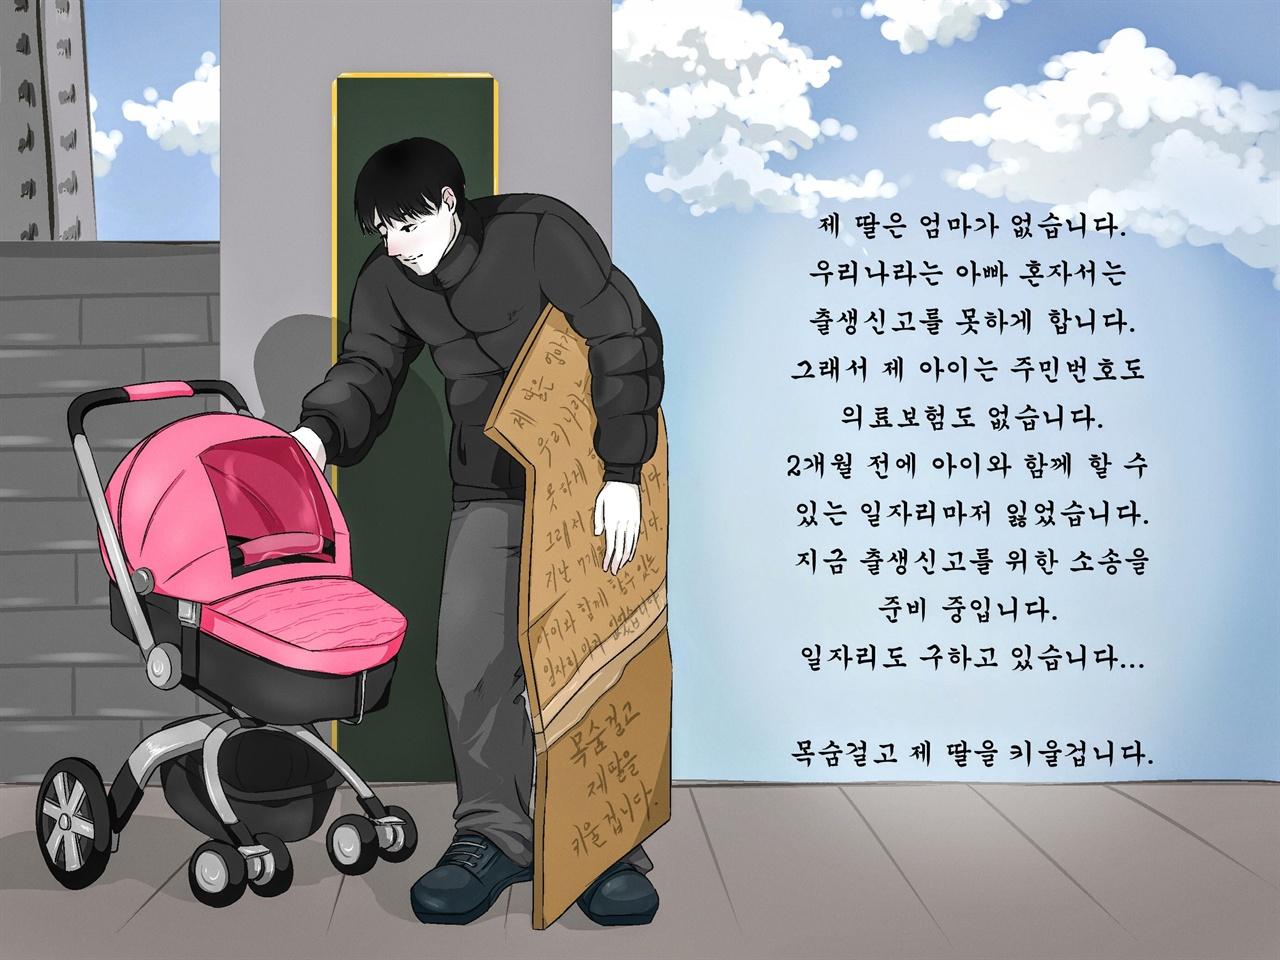 2014년 김지환씨는 딸과 함께 거리에 있었다 미혼부였던 김지환씨는 출생신고를 할 수 없었다. 그 때문에 어린이집도 갈 수 없고 의료보험 혜택도 받지 못했다. 아기를 데리고 일할 수 있는 곳이 없어 지환씨는 위기를 겪었다.